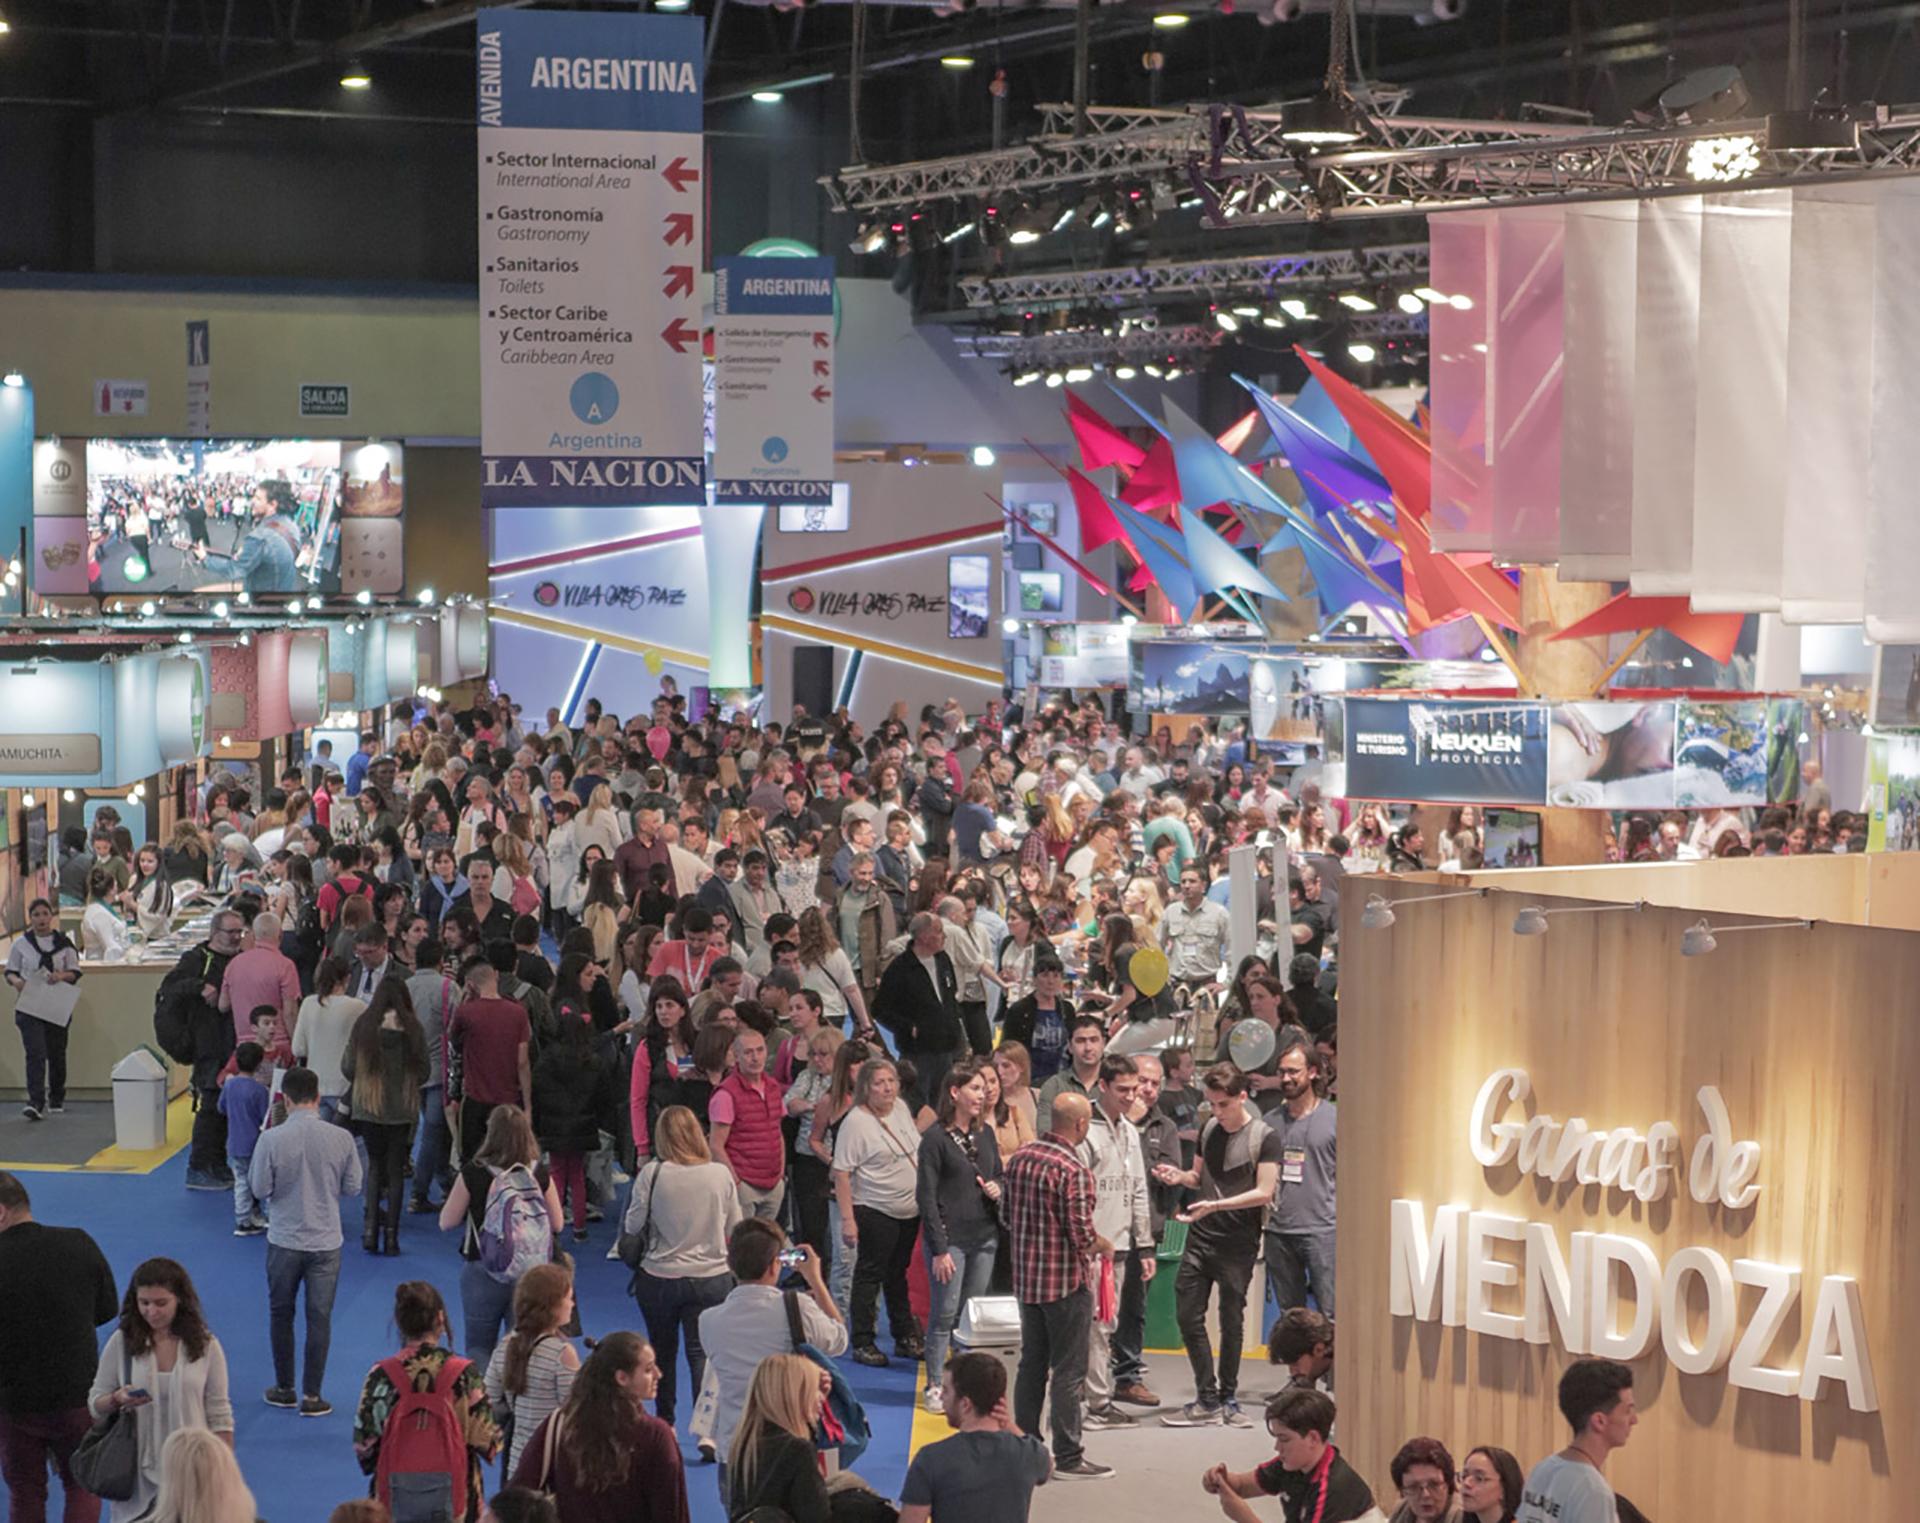 La Feria estuvo abierta al público general durante el fin de semana. Hubo desde shows musicales, carnaval, cocina en vivo, degustaciones de productos regionales y vinos, artesanías, juegos y una variedad de propuestas para deleitarse con las novedades y tendencias de los viajes en Argentina